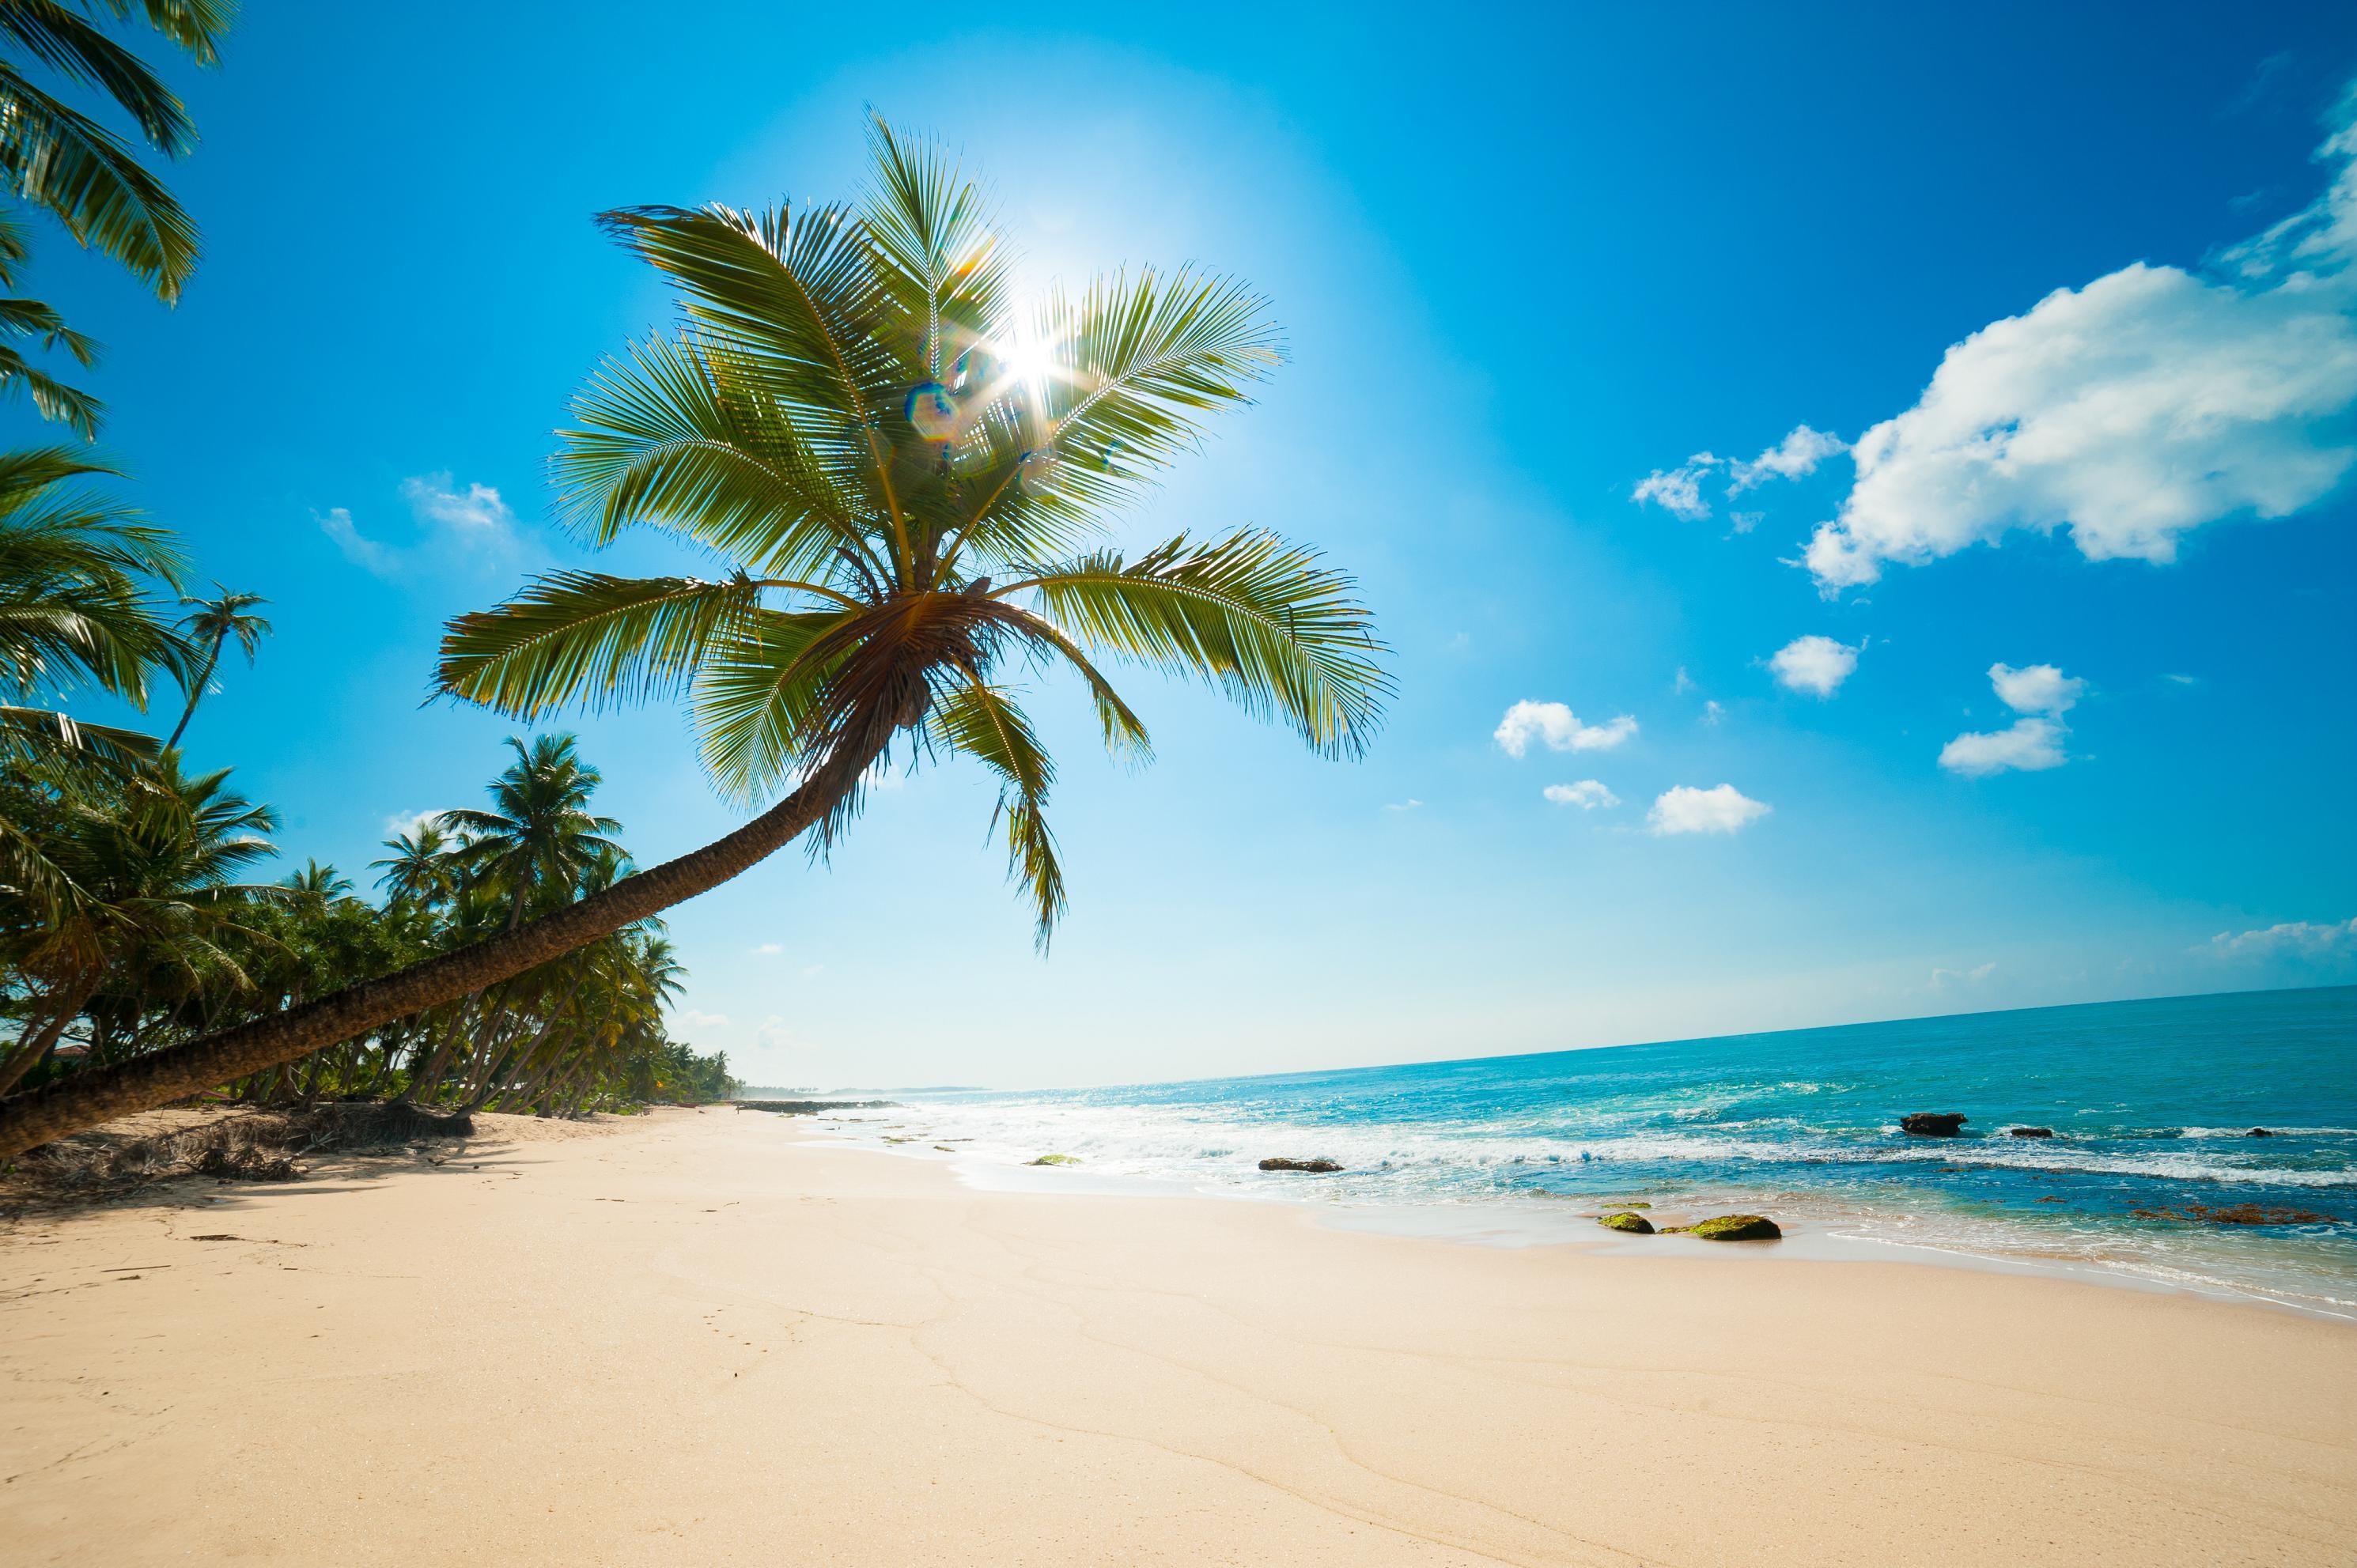 фотография это картинки пляж большое разрешение сразу